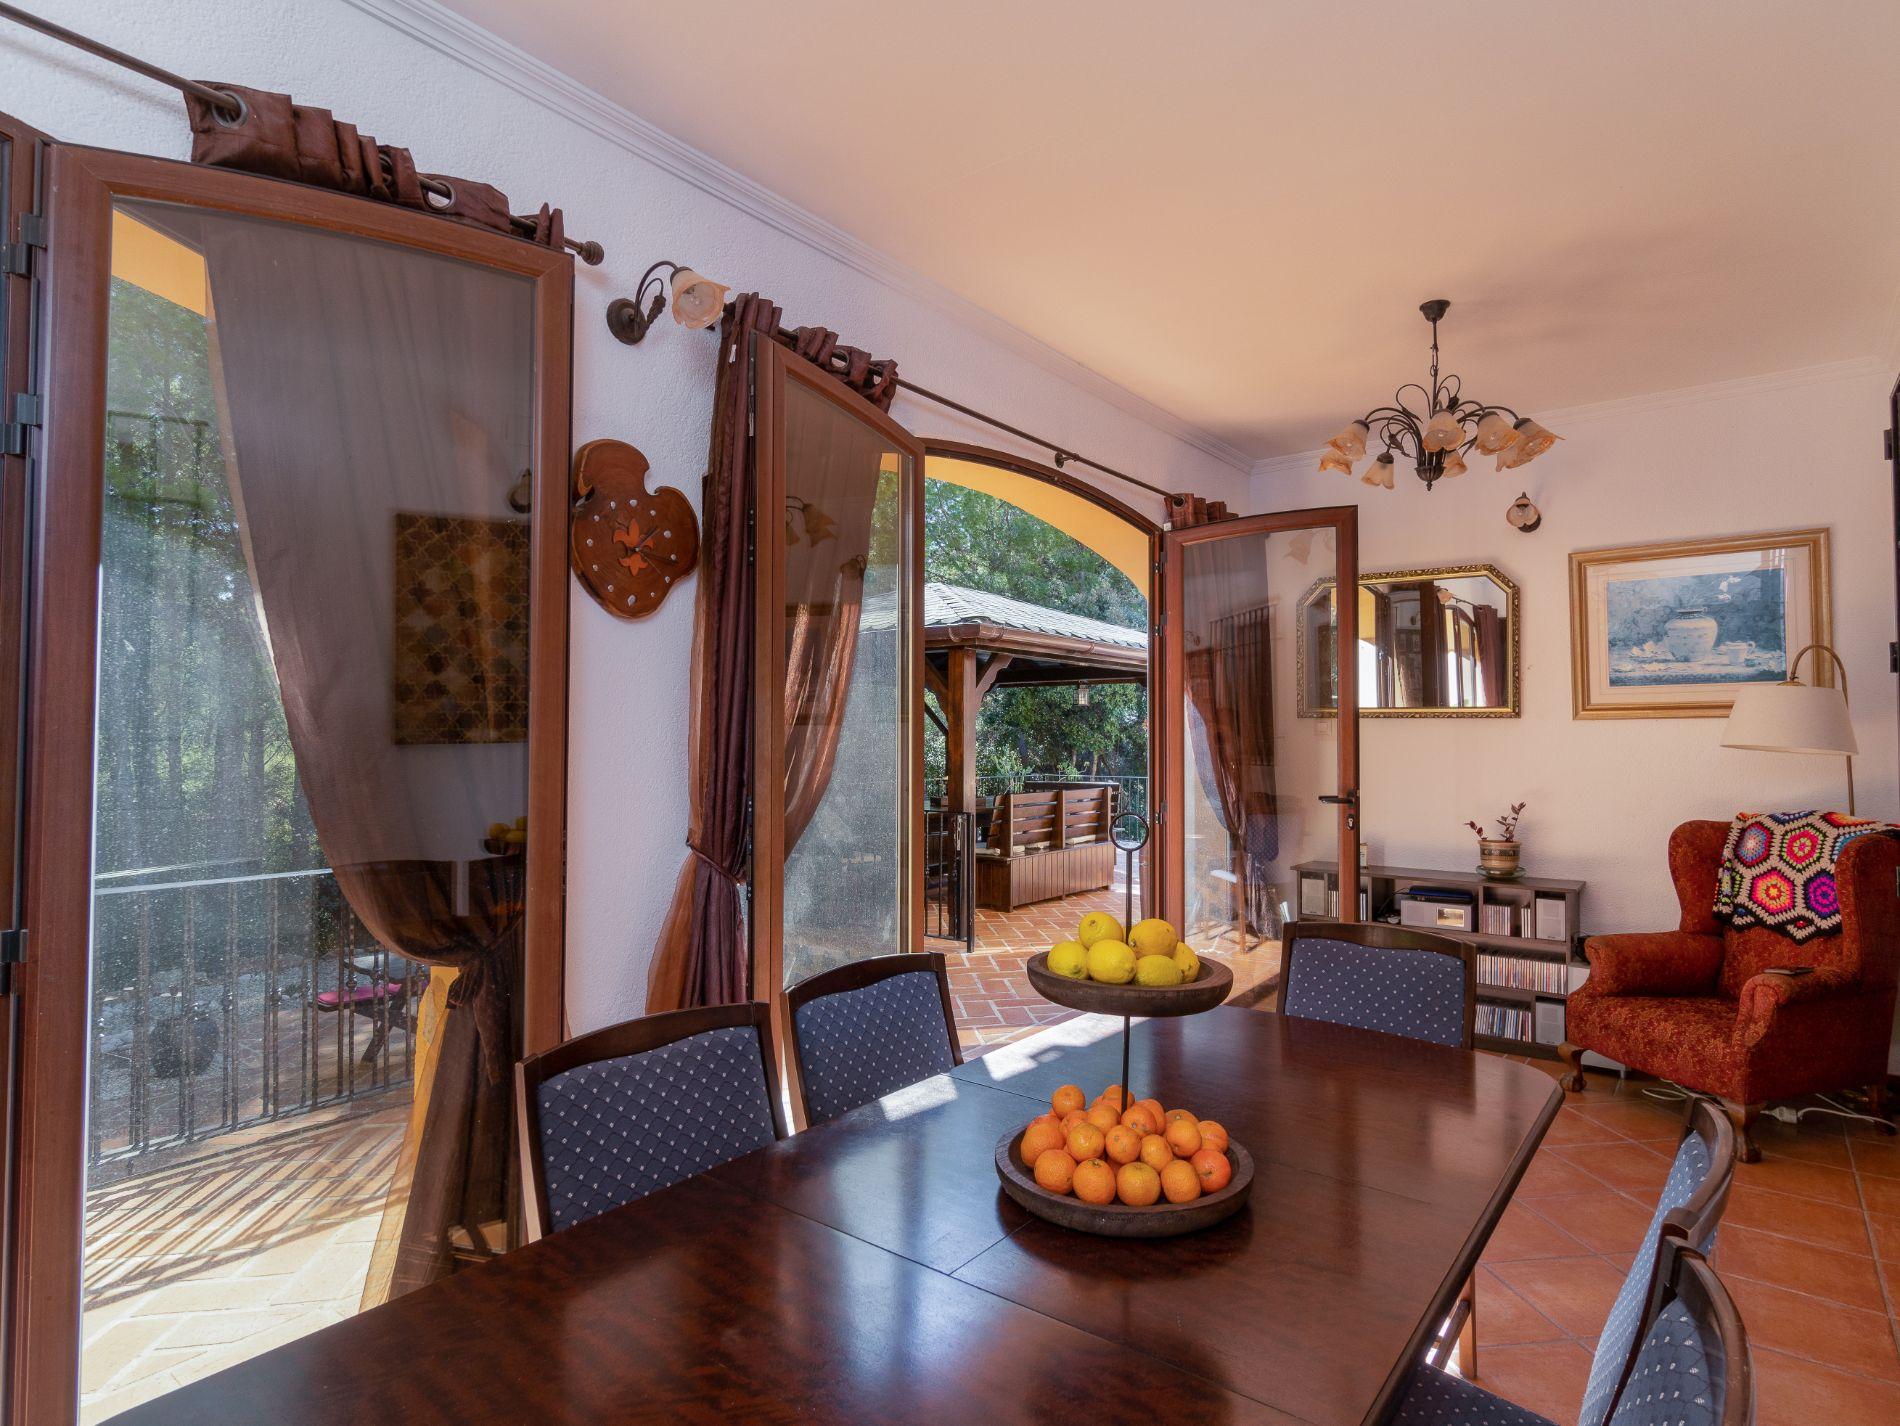 Fotogalería - 6 - Olea-Home   Real Estate en Orba y Teulada-Moraira  